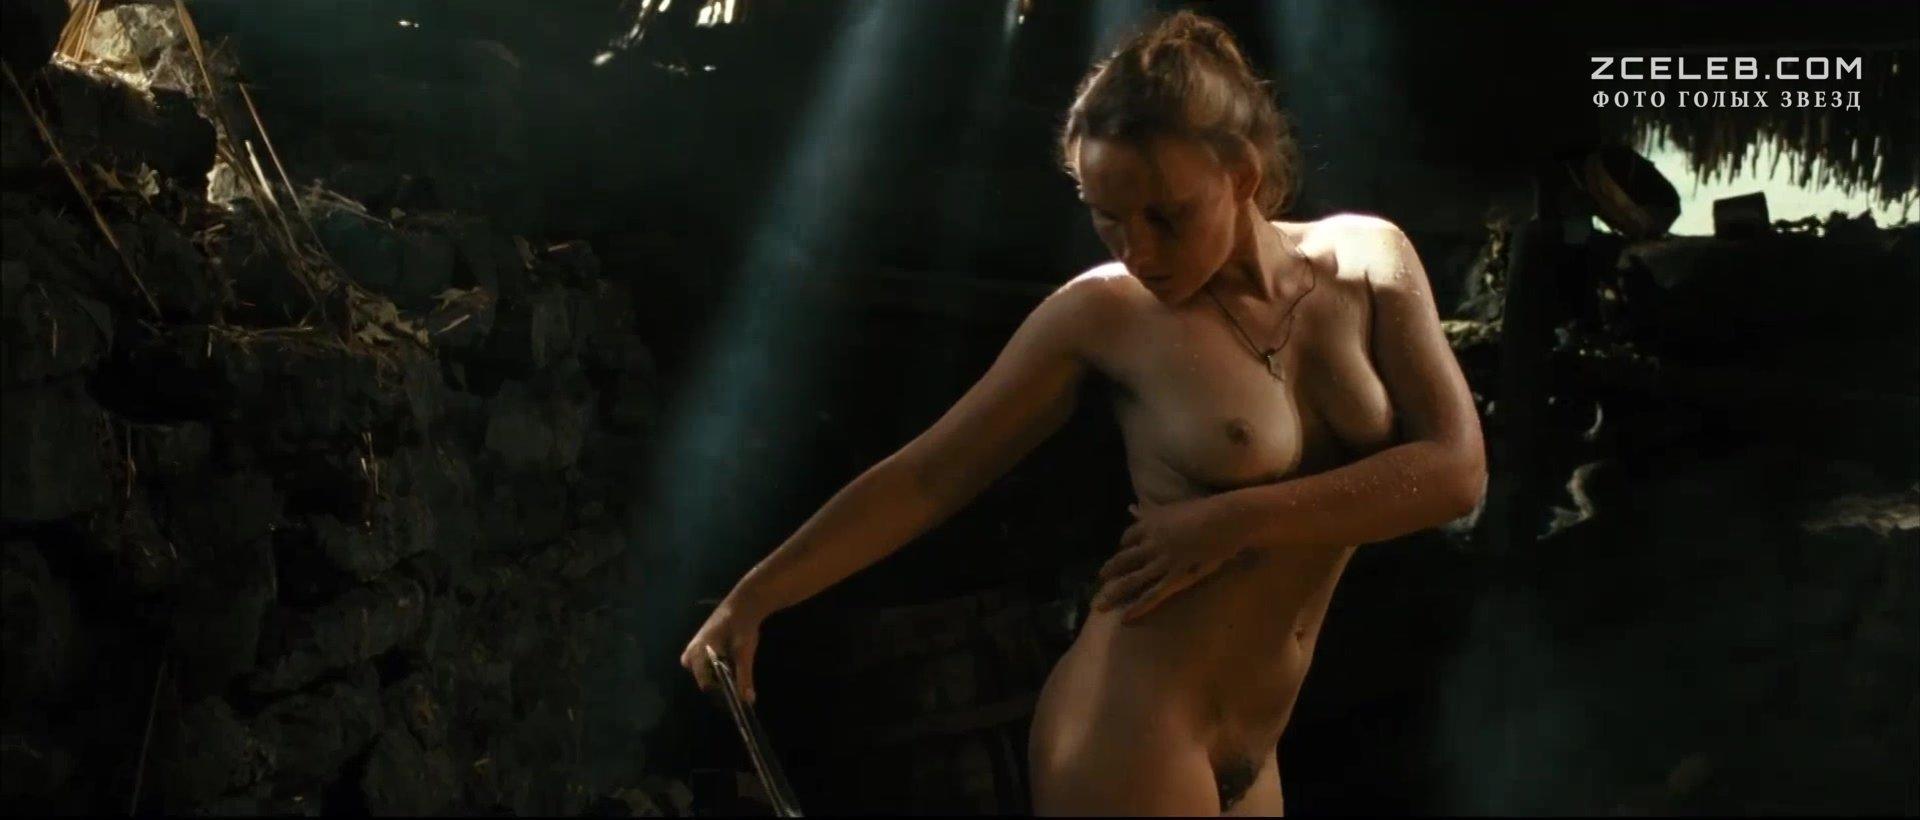 Смотреть сцены эротические в российских фильмах, ласковый секс-видео высокого качества